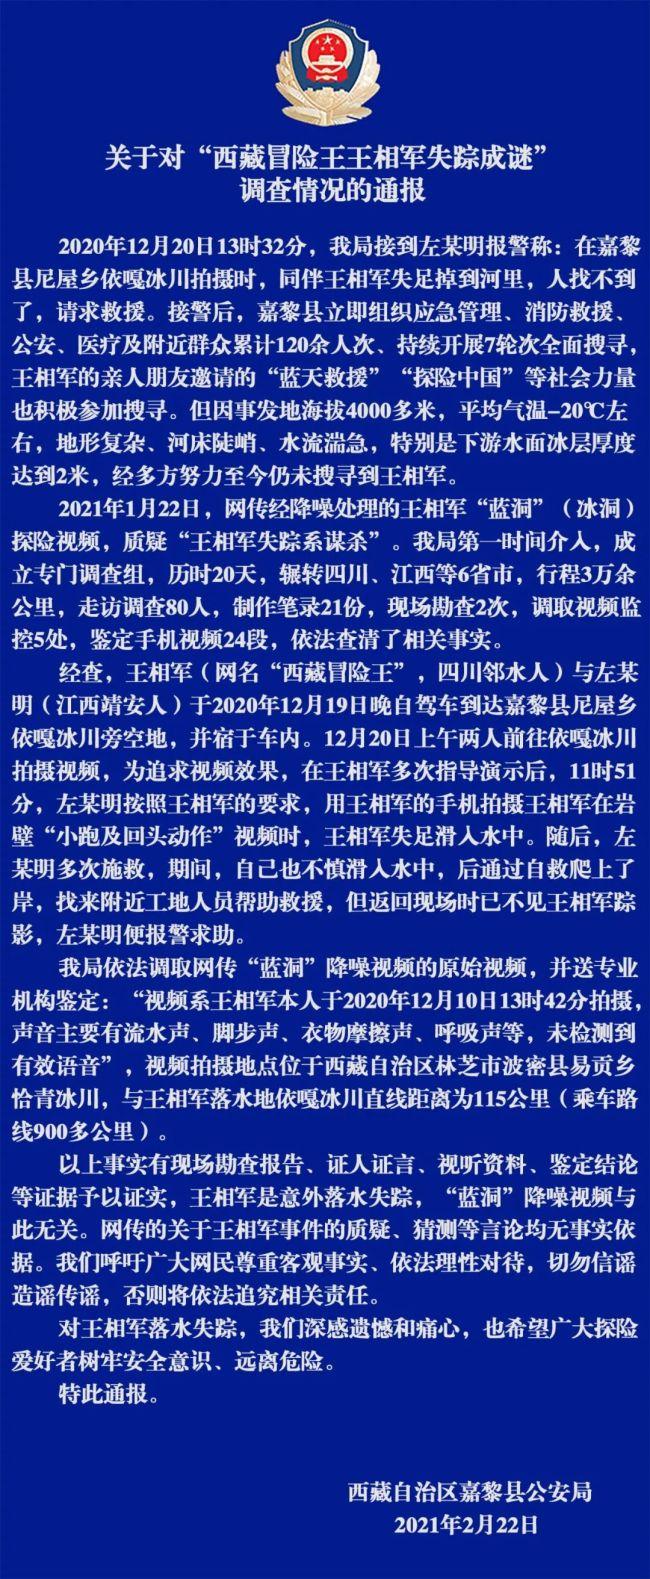 西藏冒险王遭谋杀?警方公布调查结果